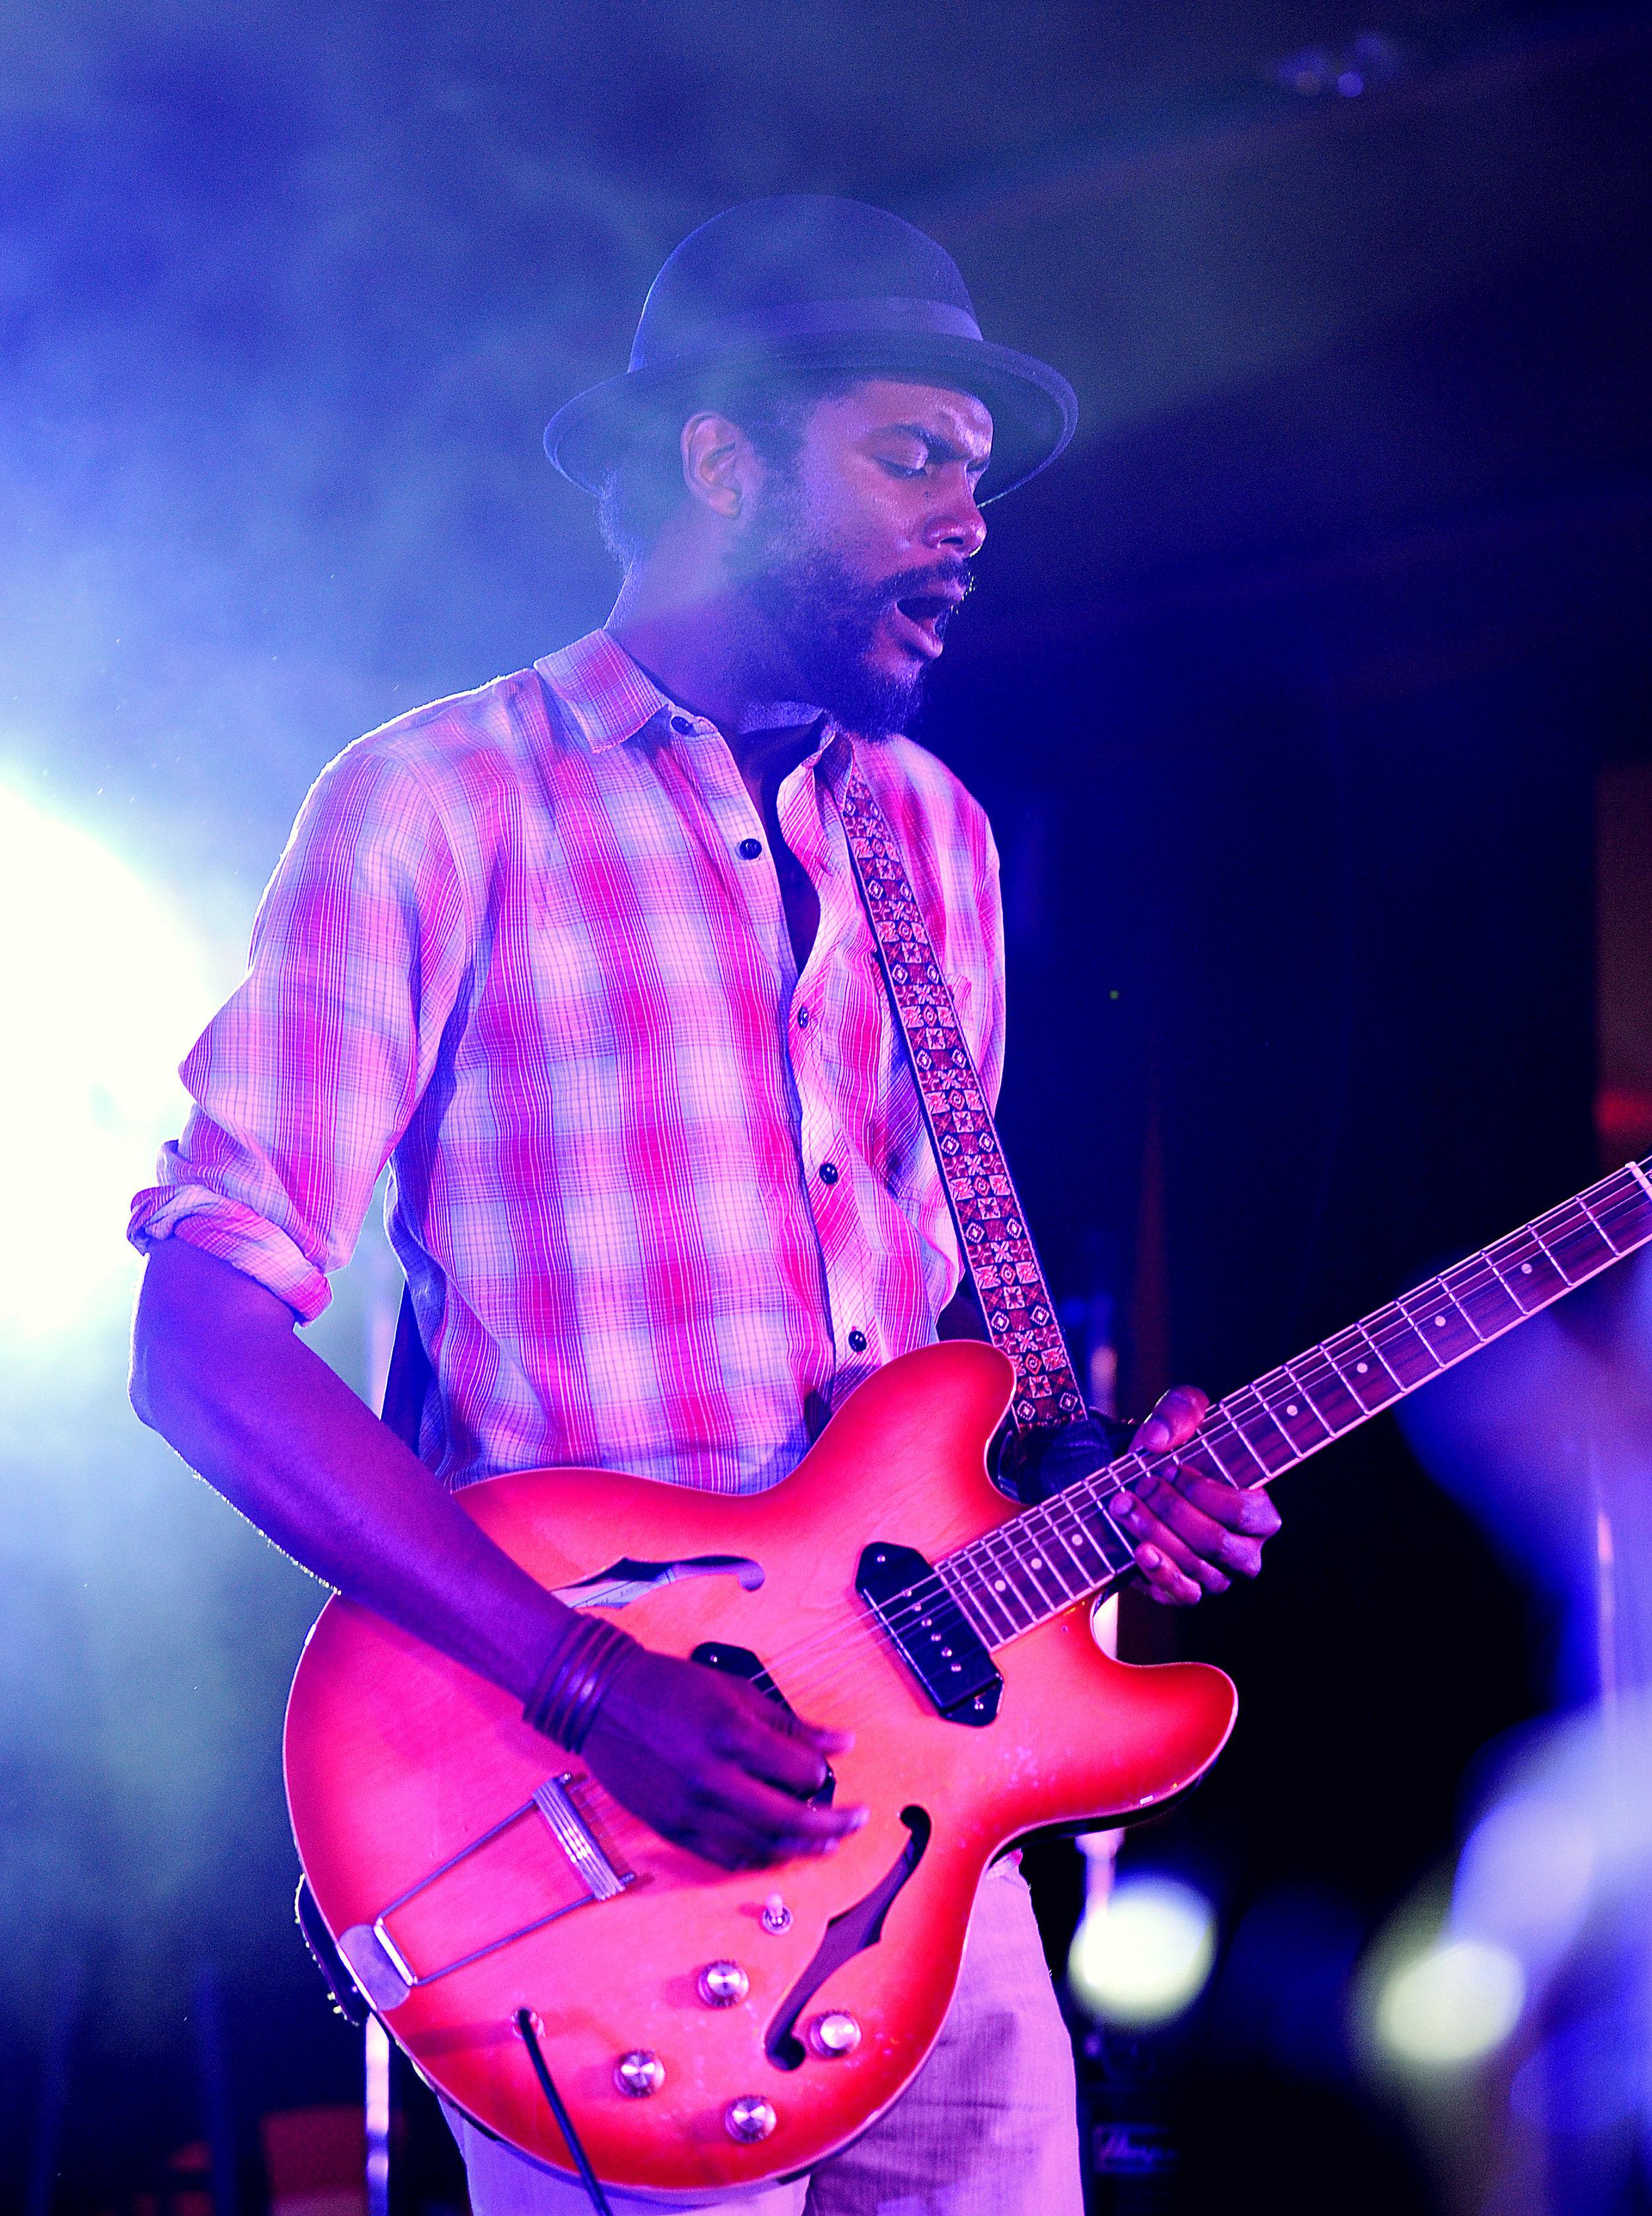 Gary Clark Jr. at Essence Fest by Adrienne Battistella